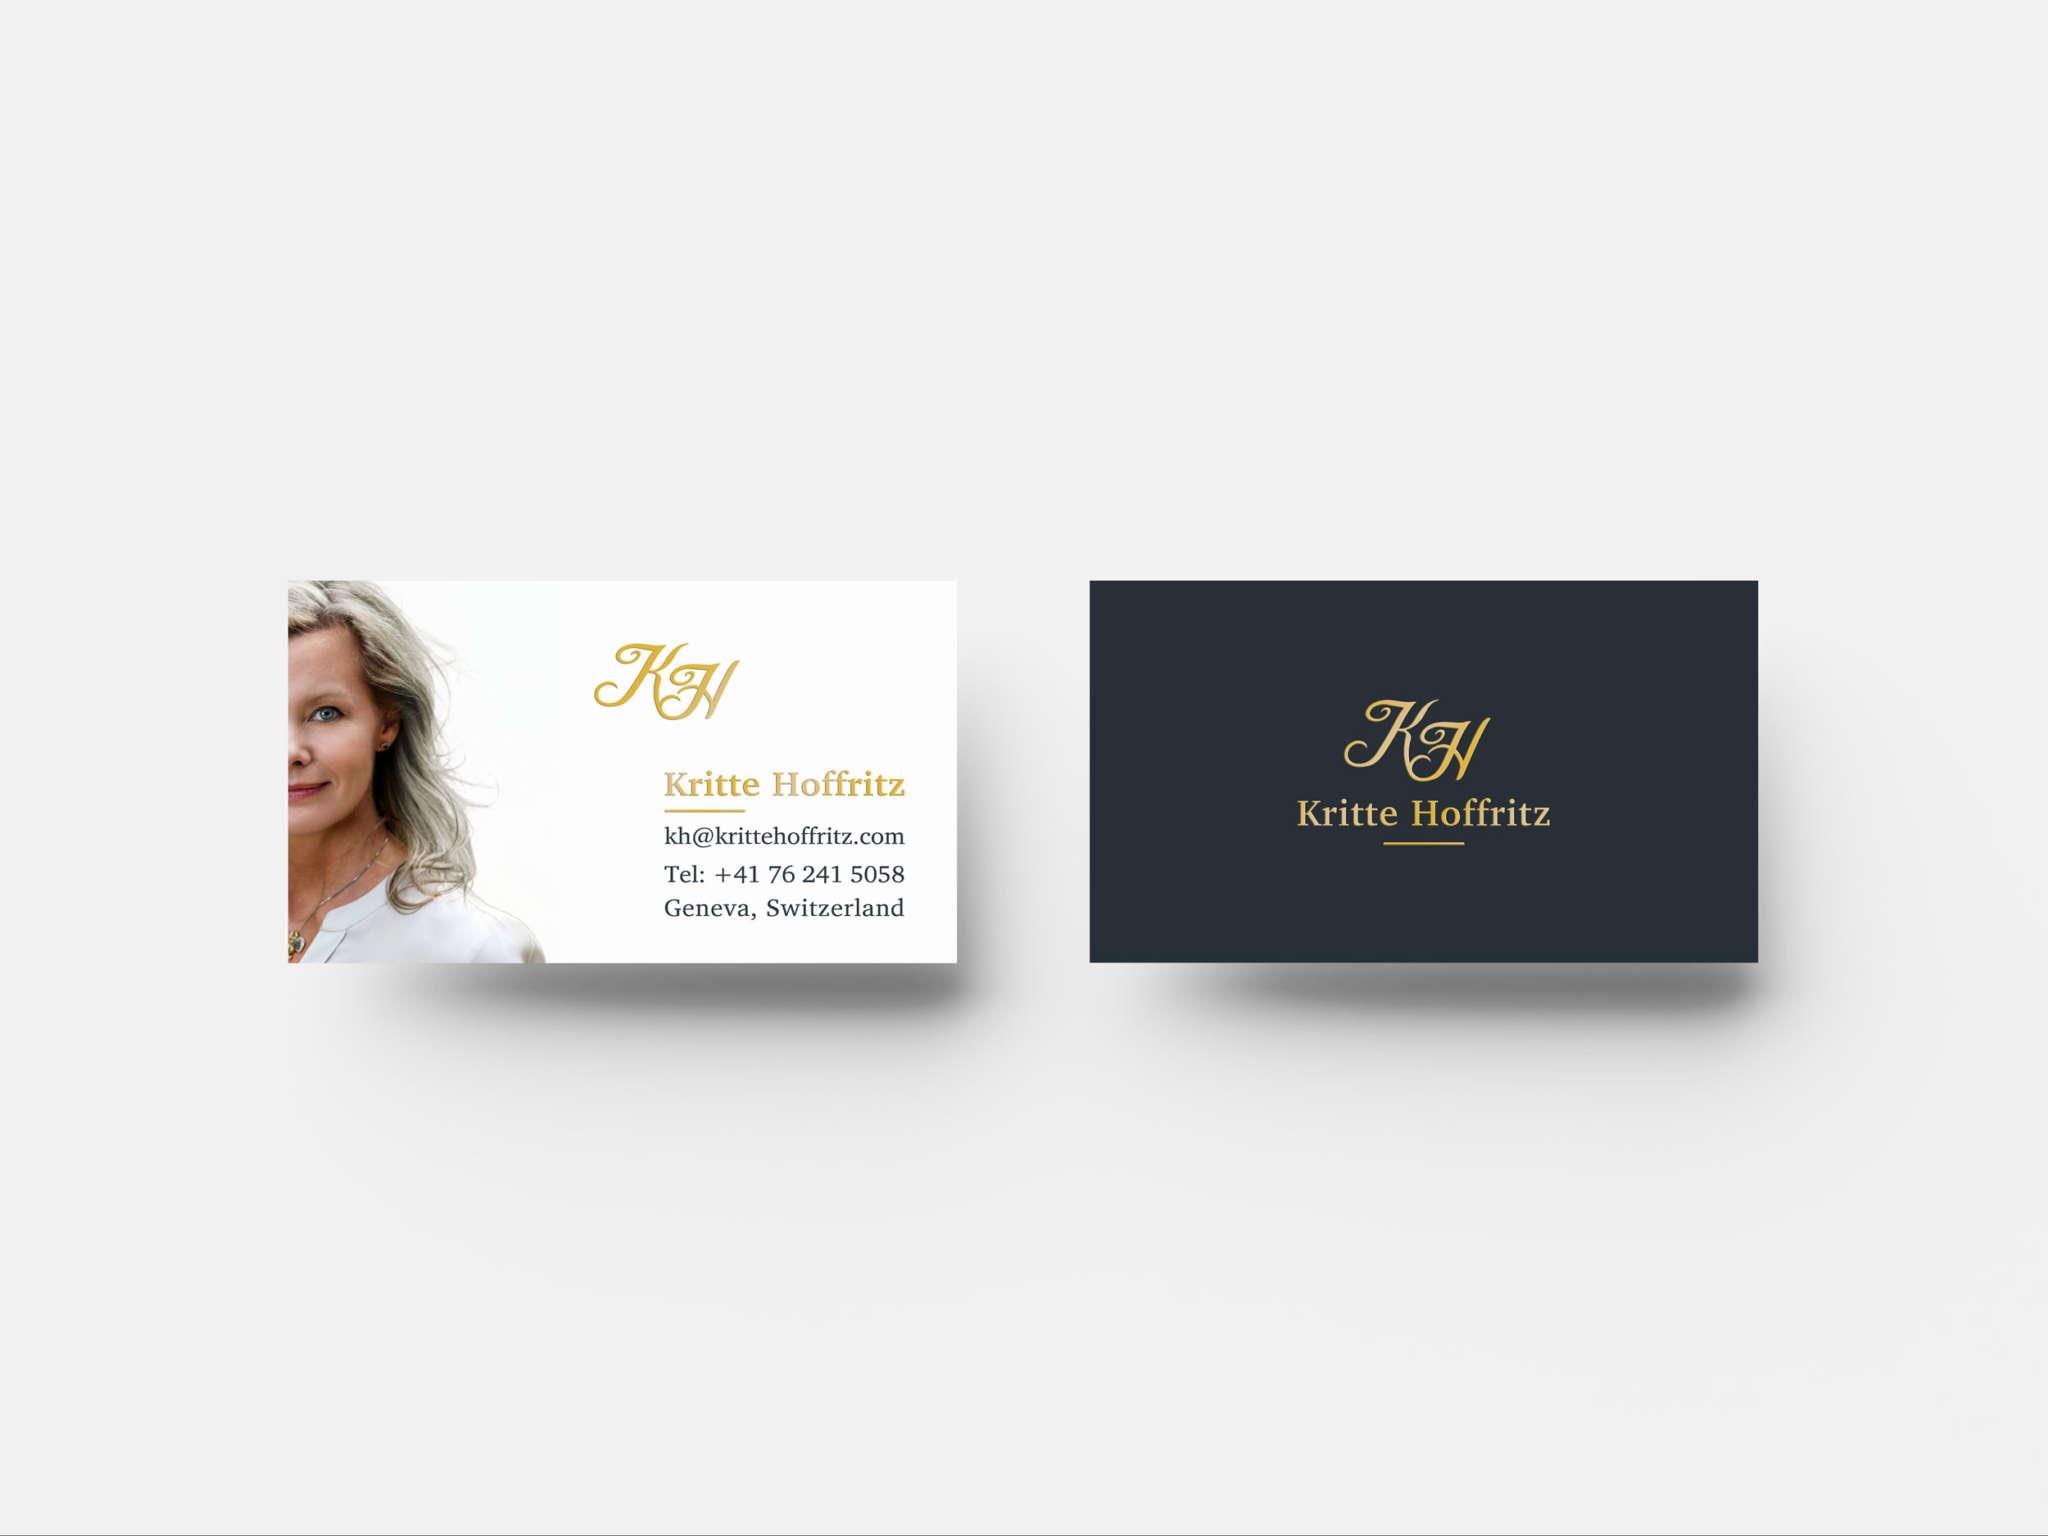 Kritte Hoffritz Business card